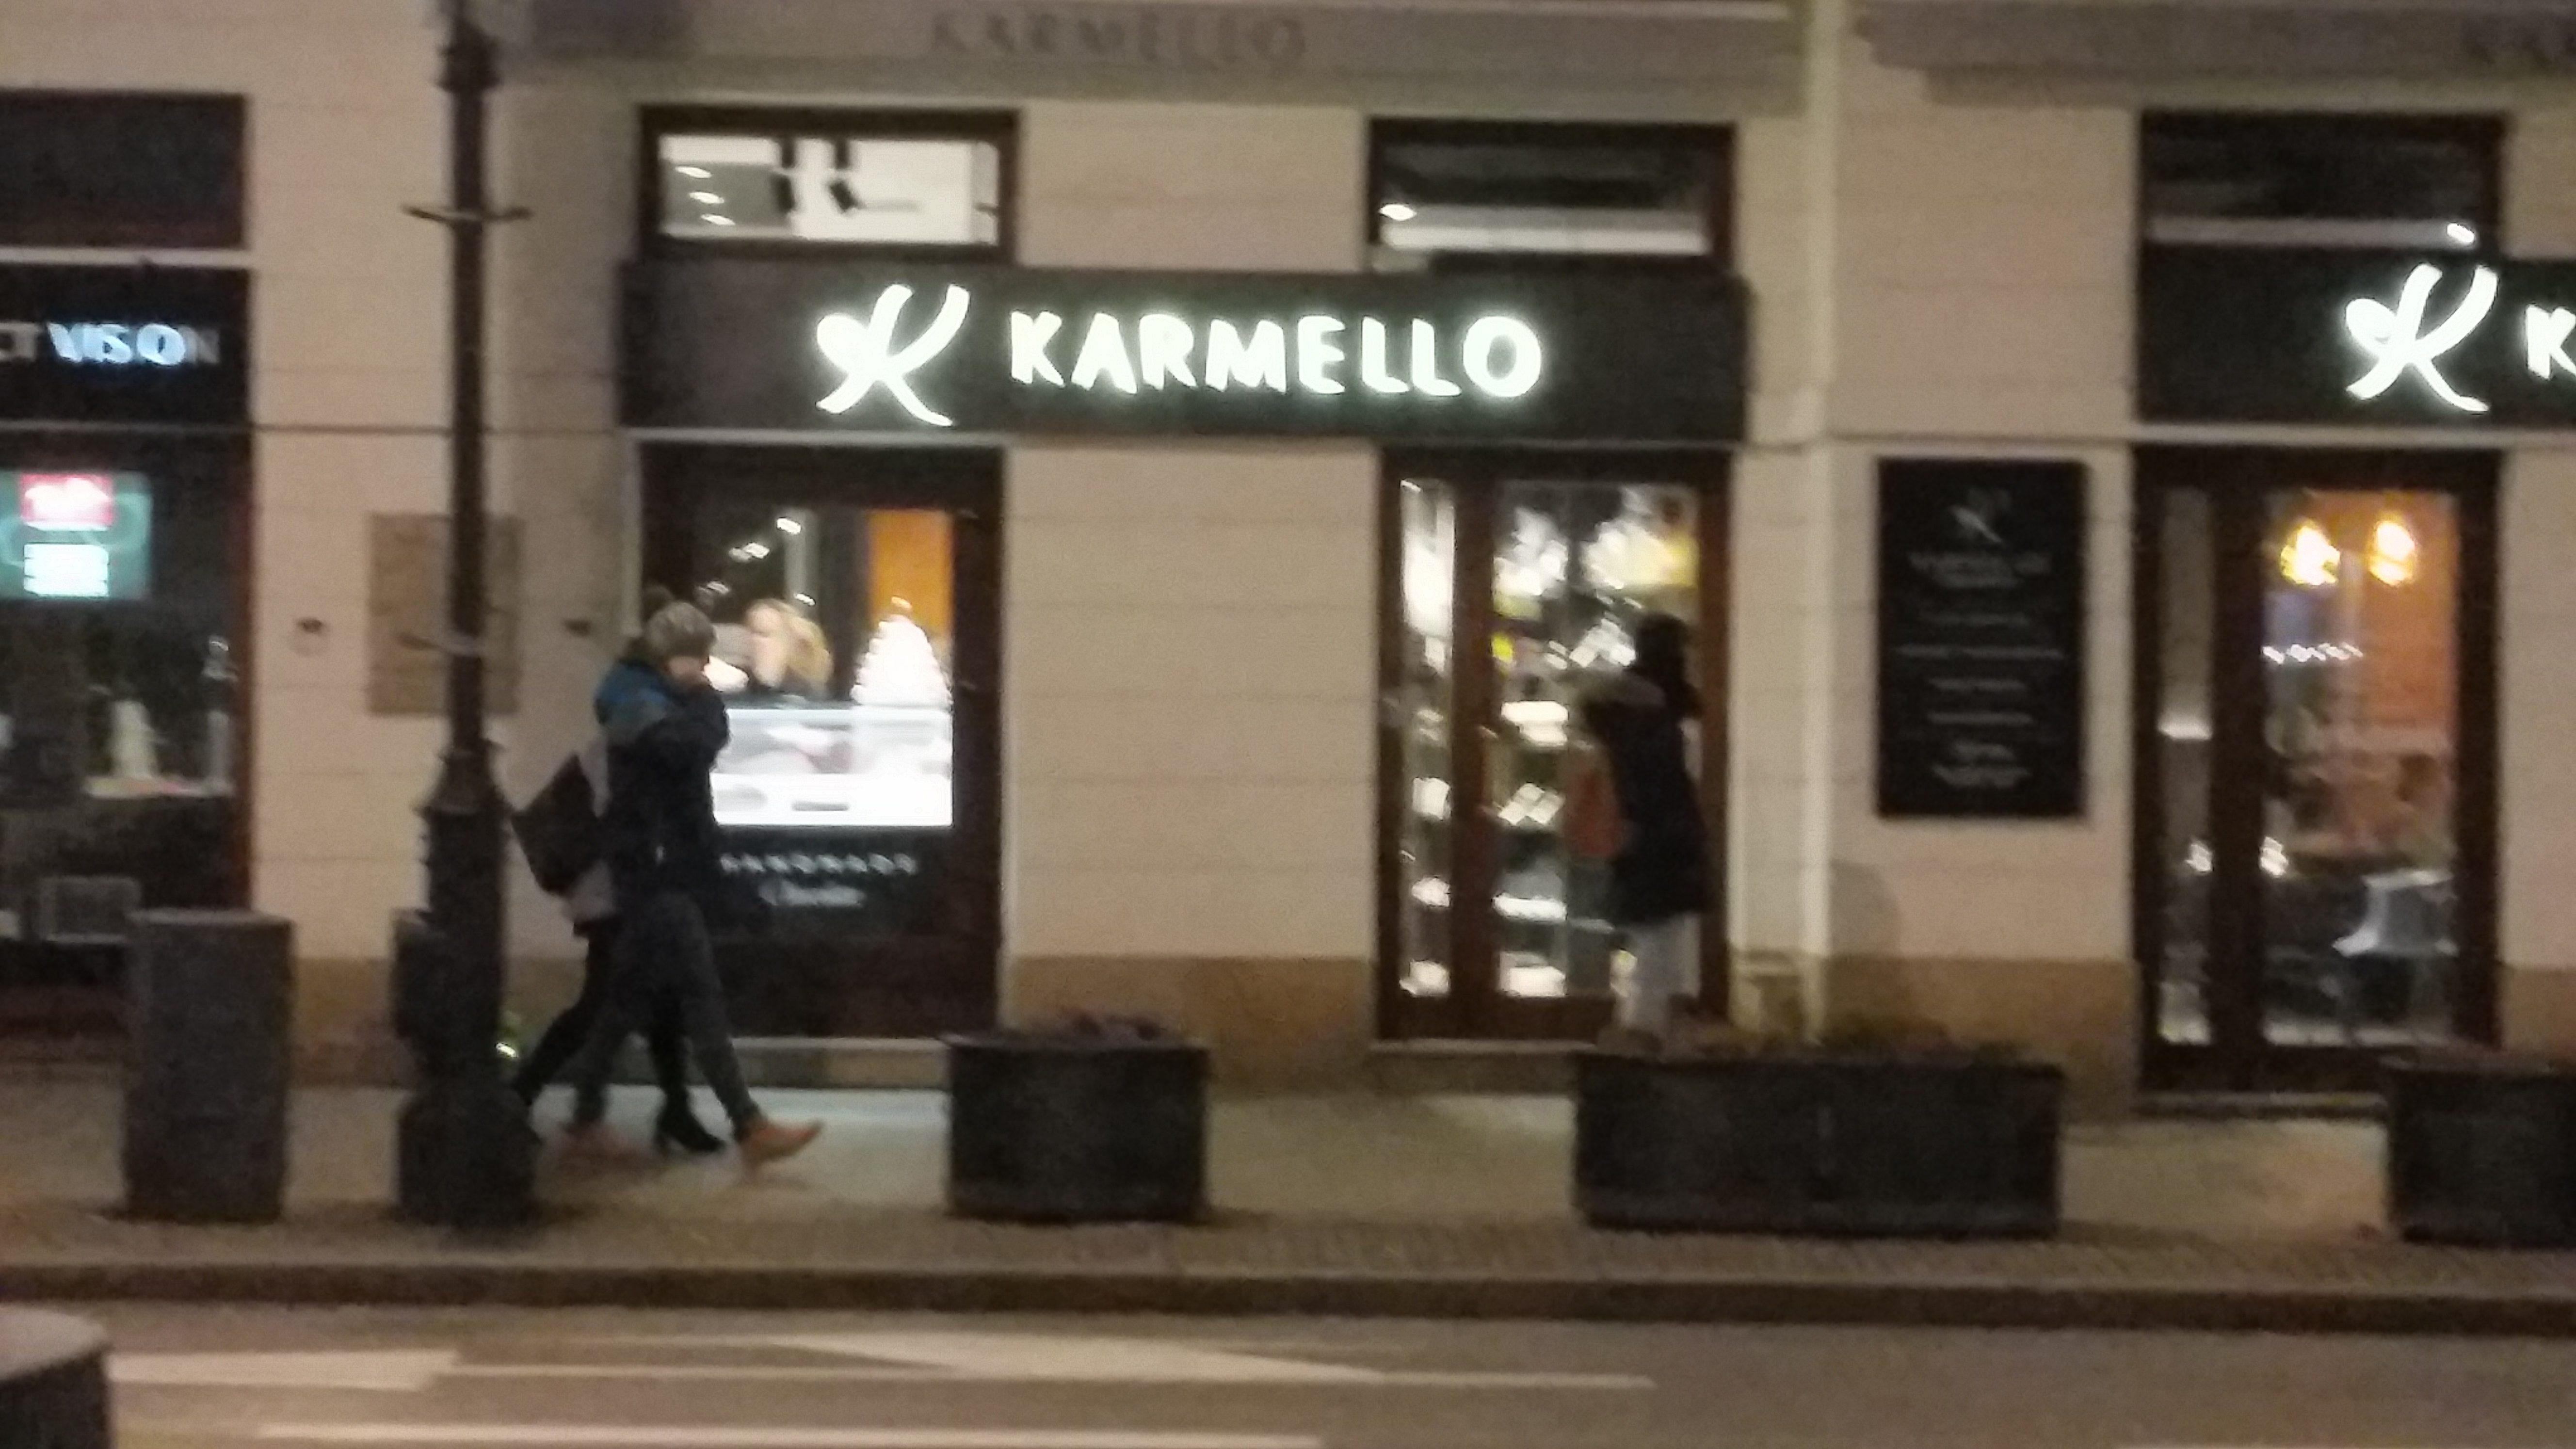 Кафе Karmello находится в Варшаве улица Новый Свят 64.